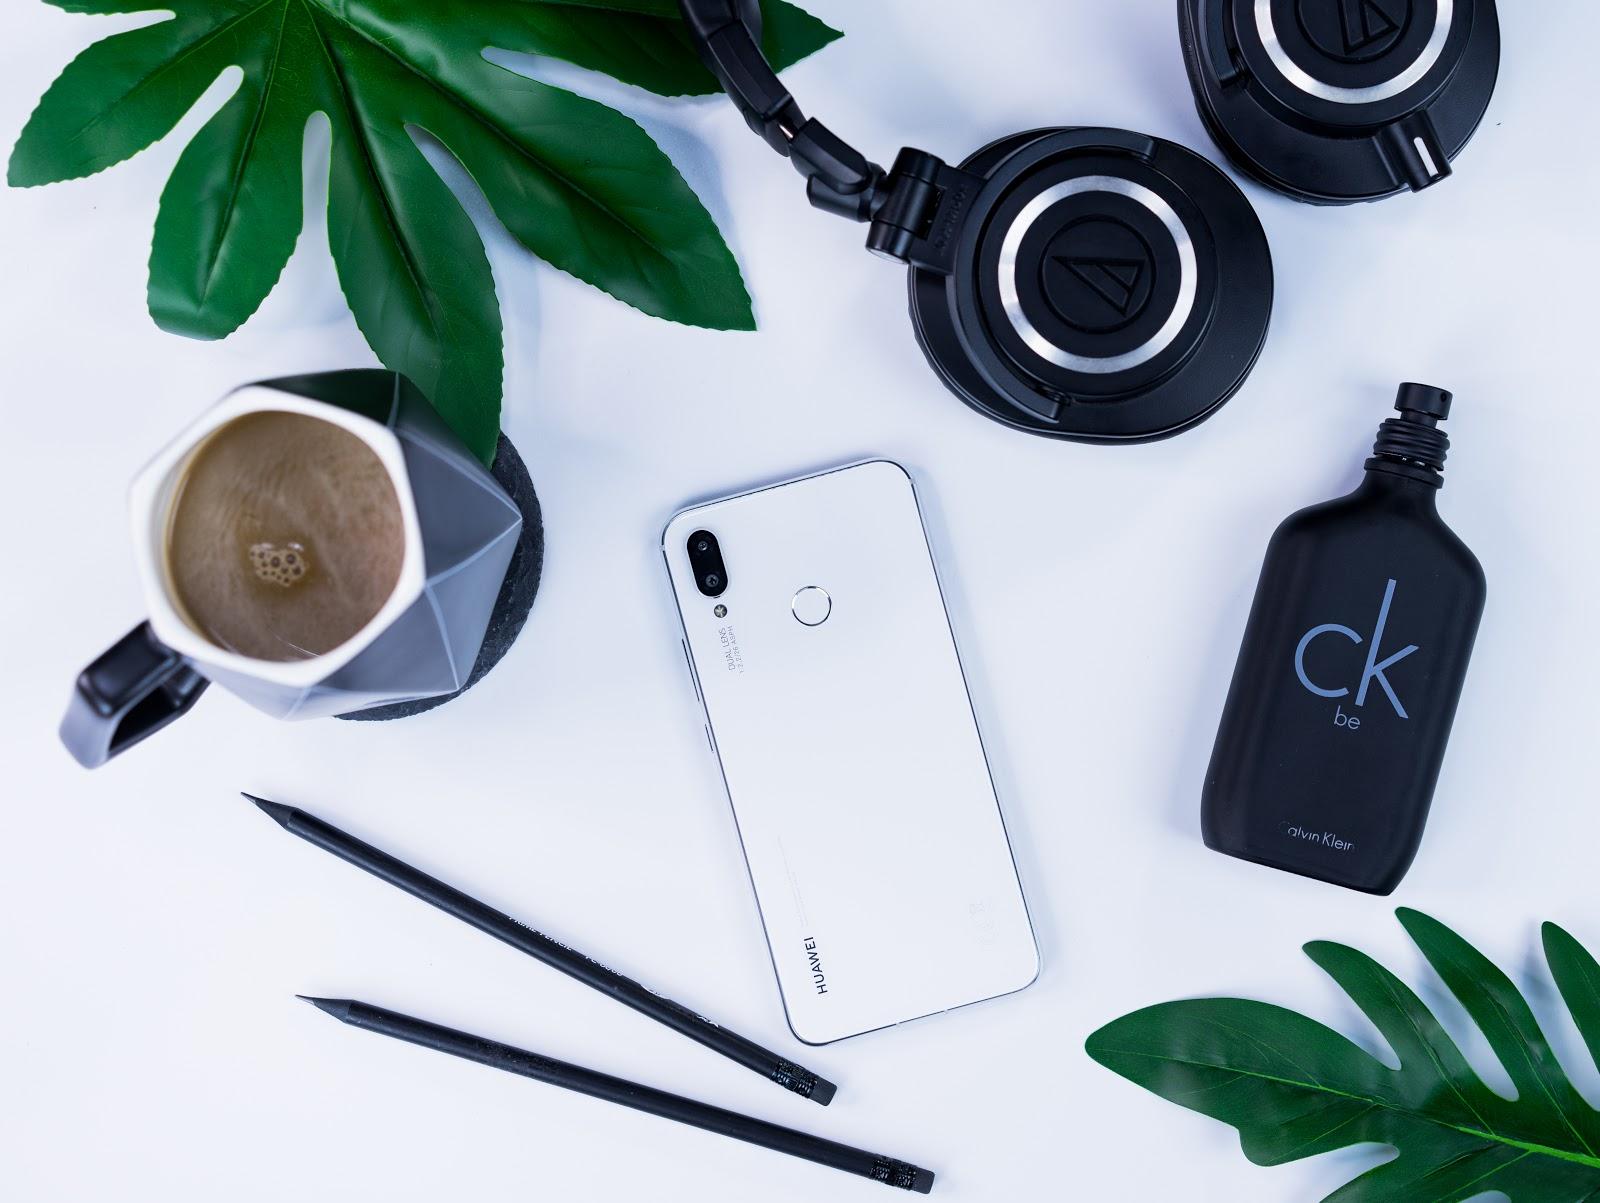 Đơn giản nhưng cuốn hút, chiếc smartphone này đáng để bạn tự thưởng cho bản thân dịp cuối năm - Ảnh 3.